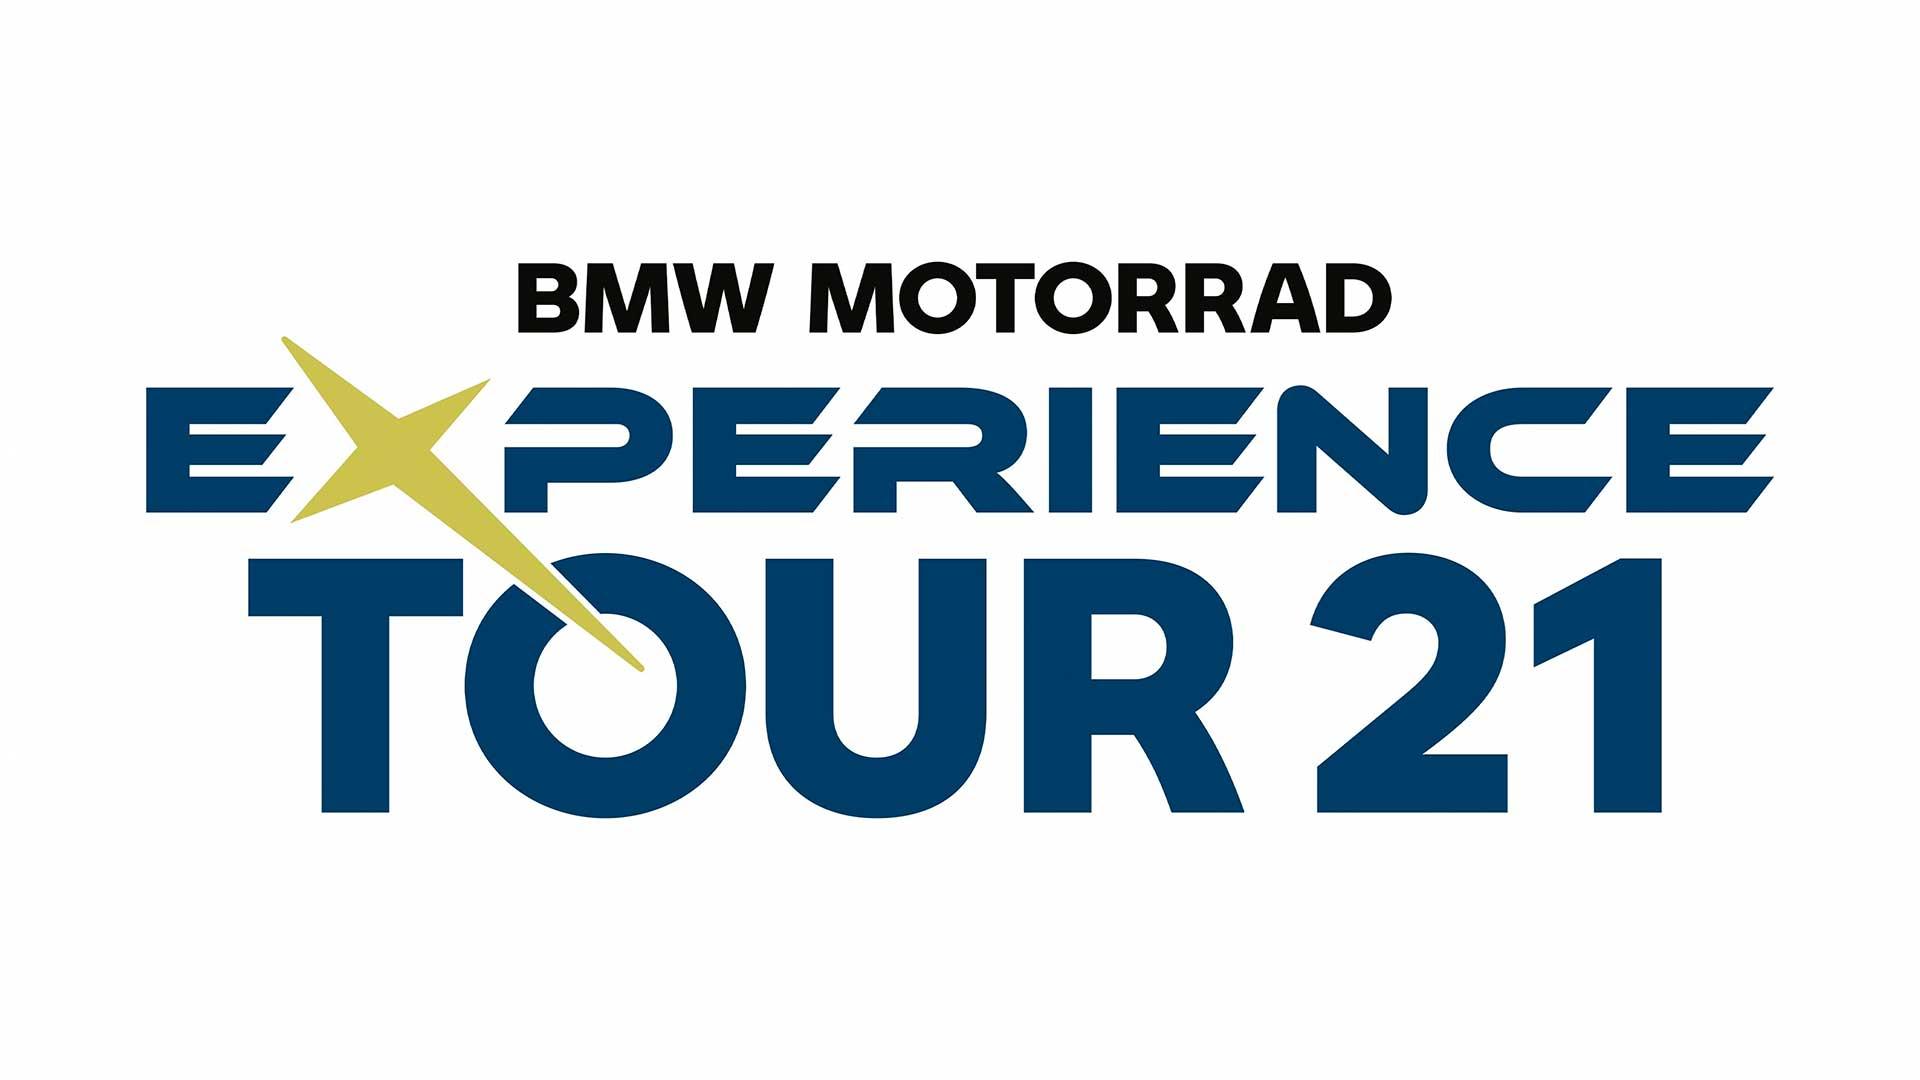 El BMW Motorrad Experience Tour 21 arrancará el próximo 11 de septiembre